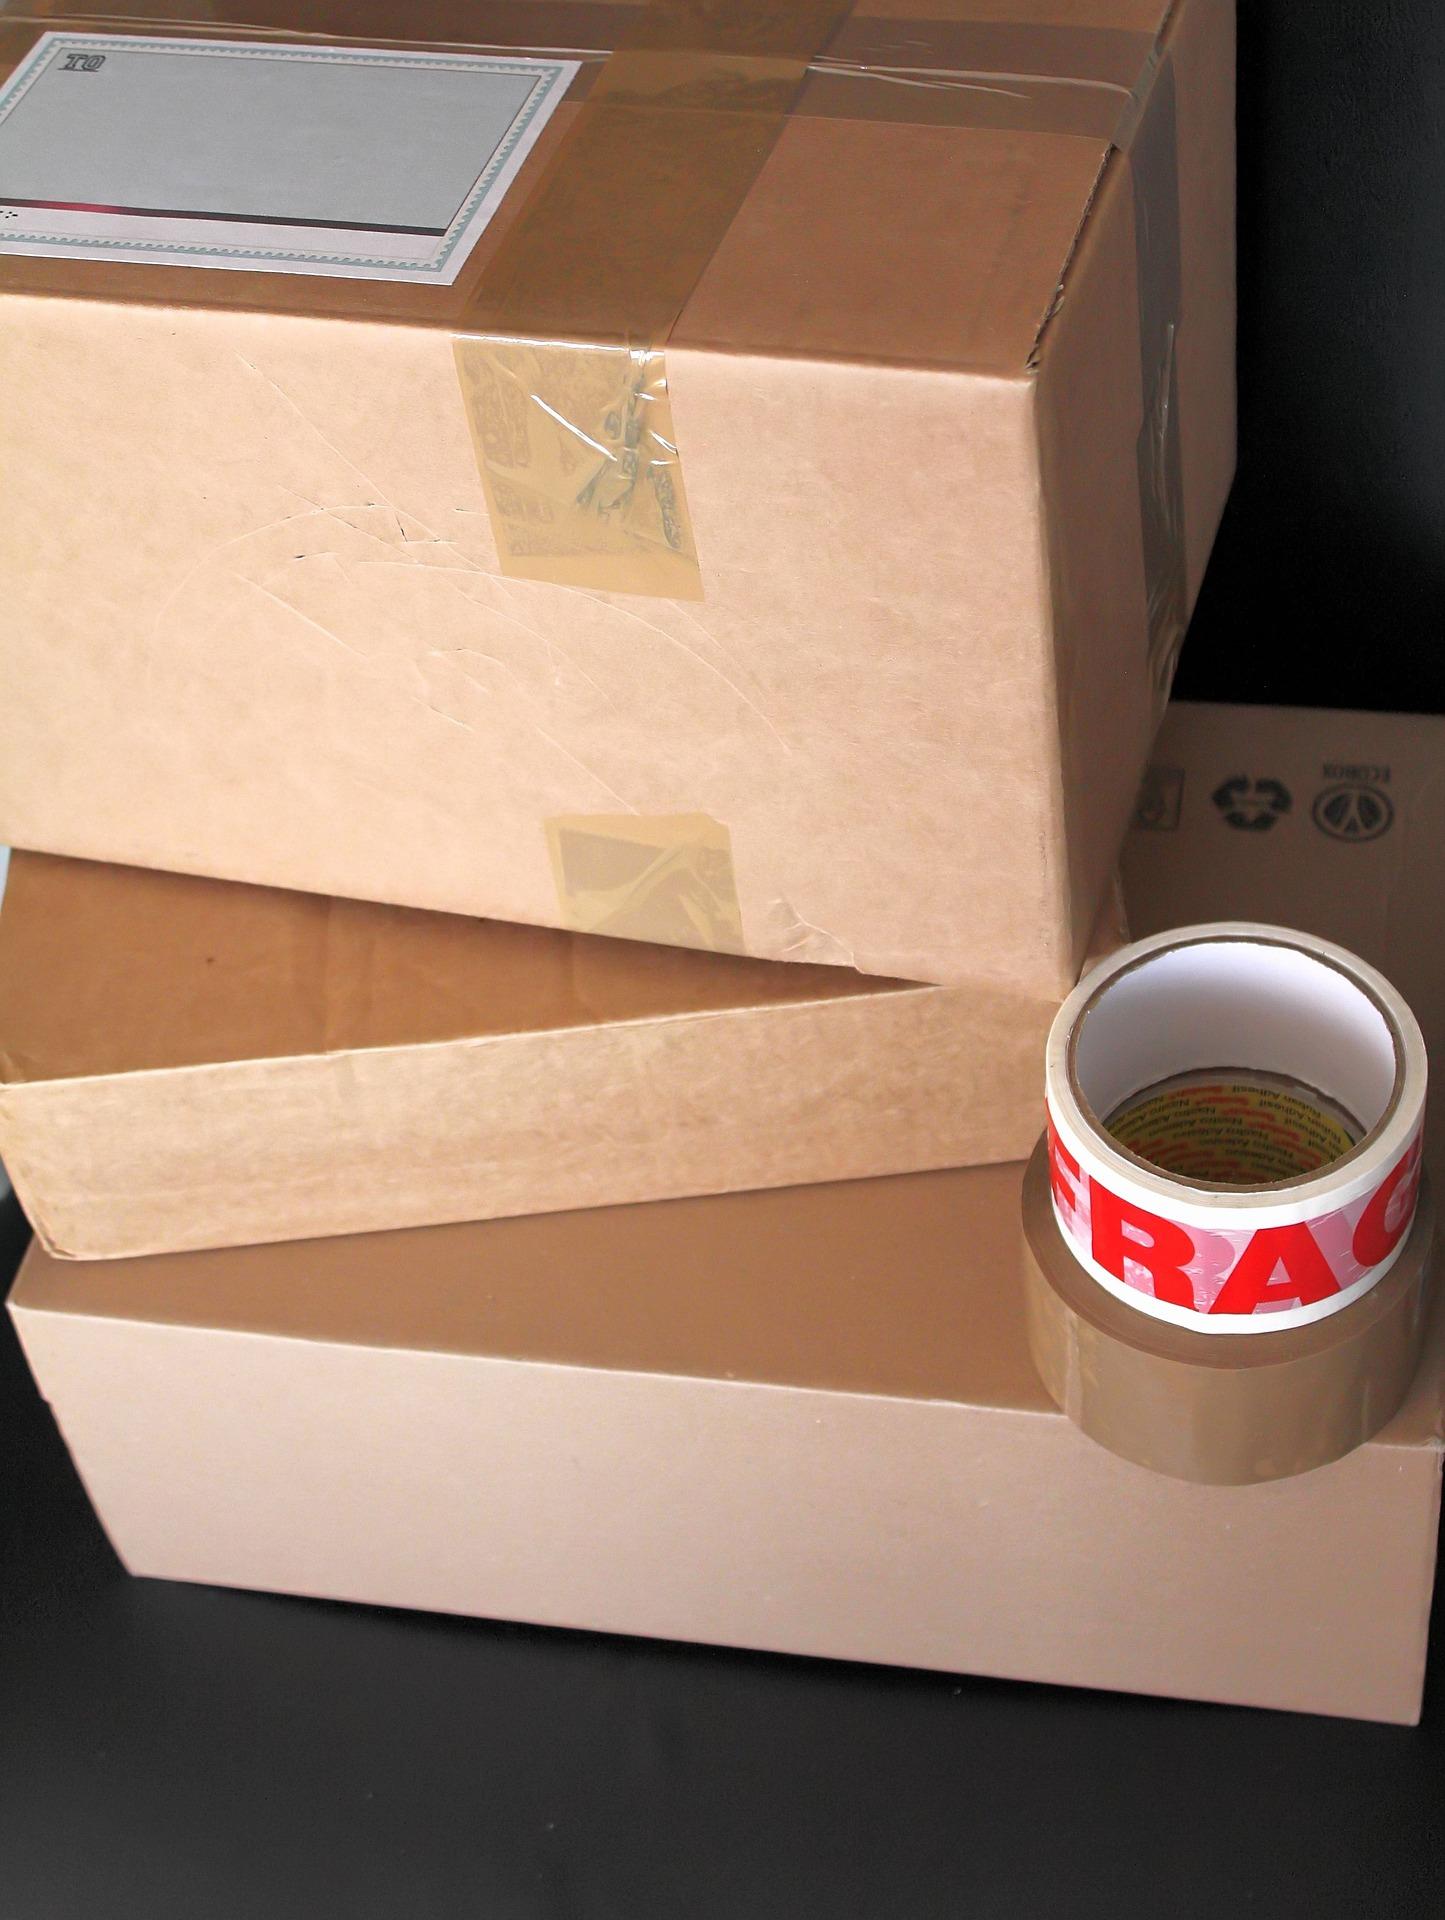 Parcels boxes 3883980 1920